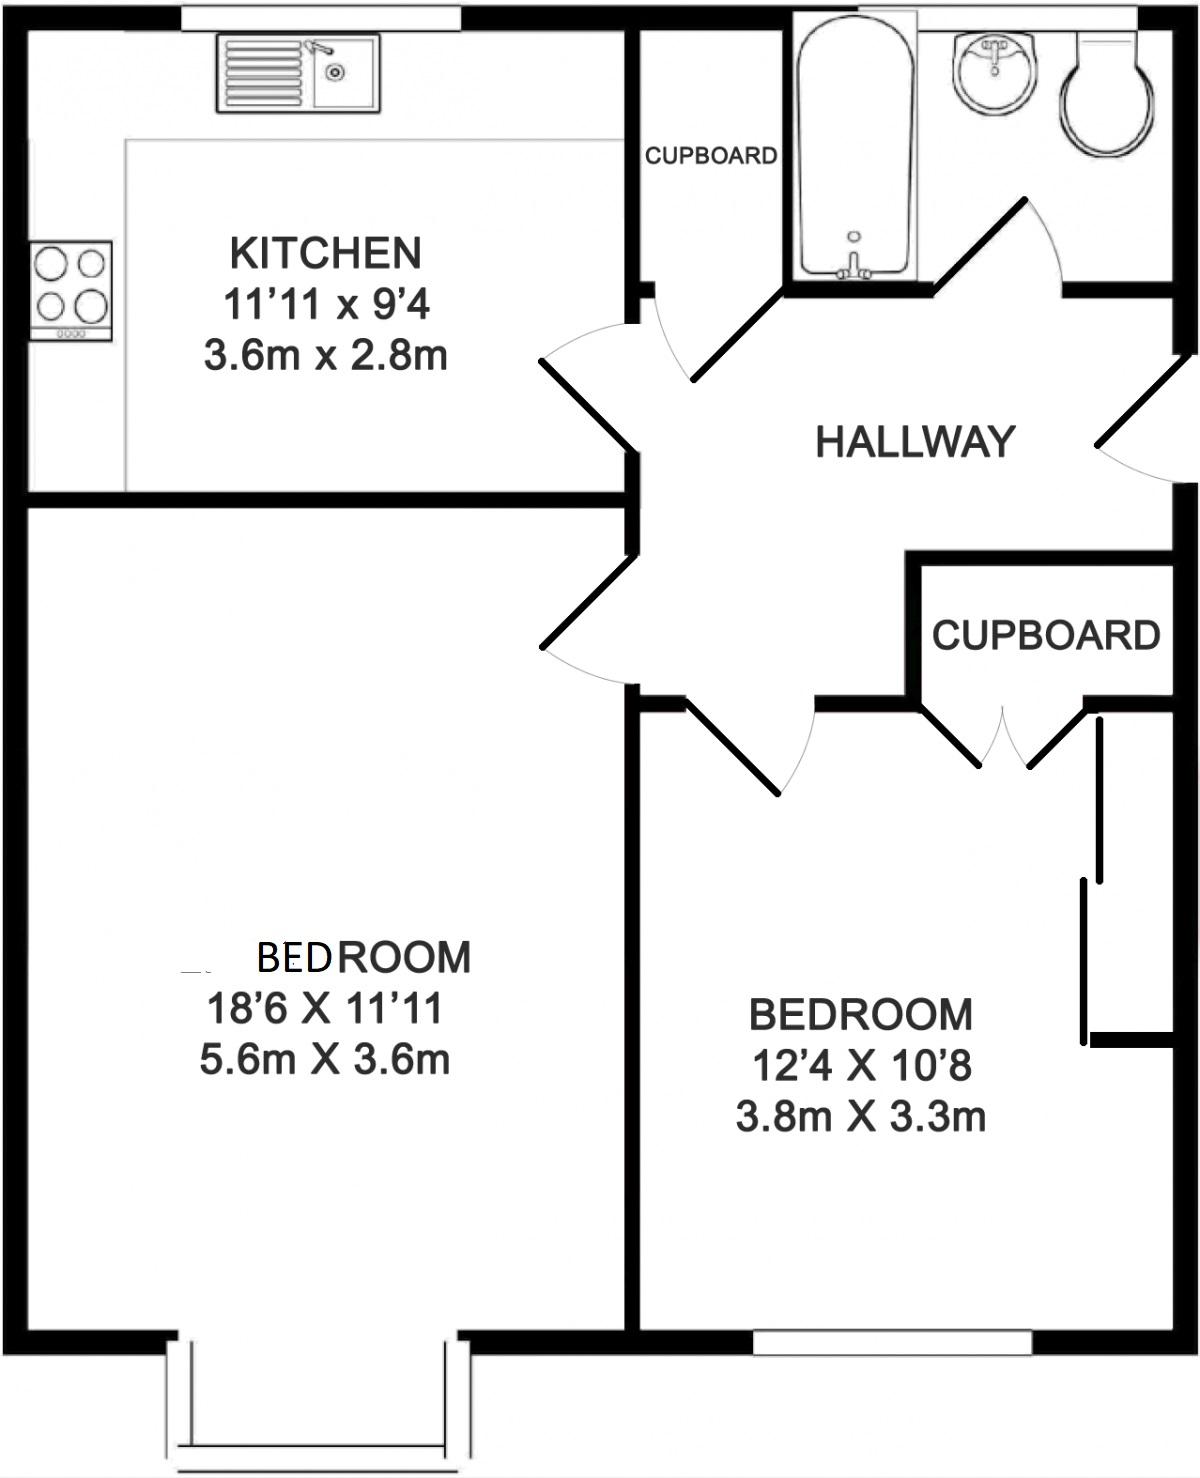 Floorplans - 11 Trimmers Field, Farnham accomodation